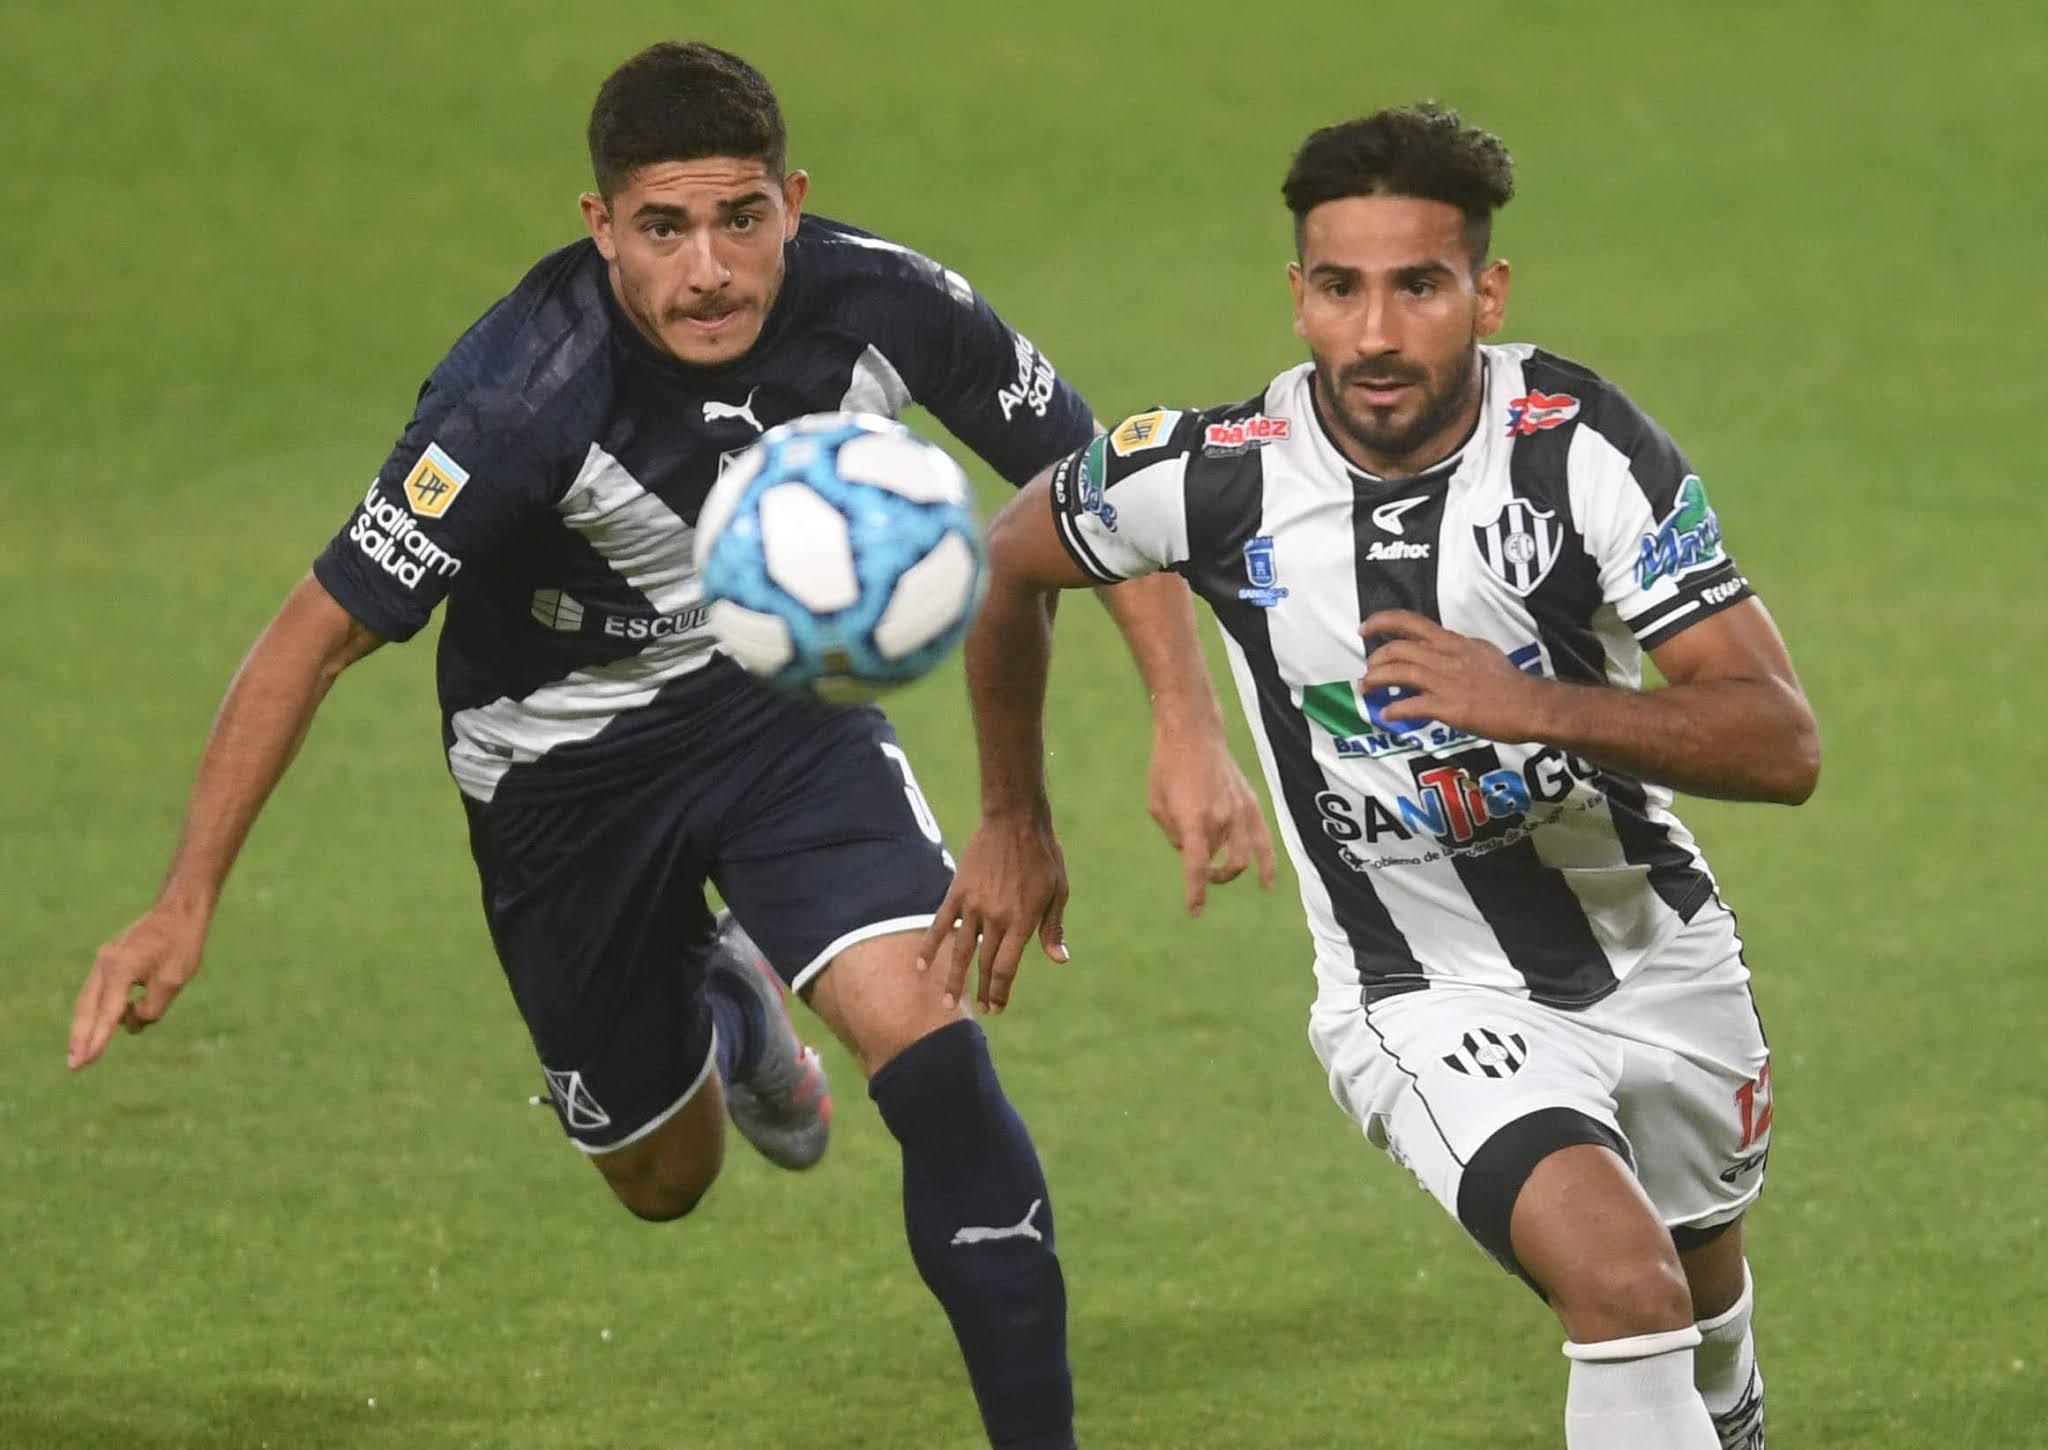 Independiente Central Cordoba resumen del partido